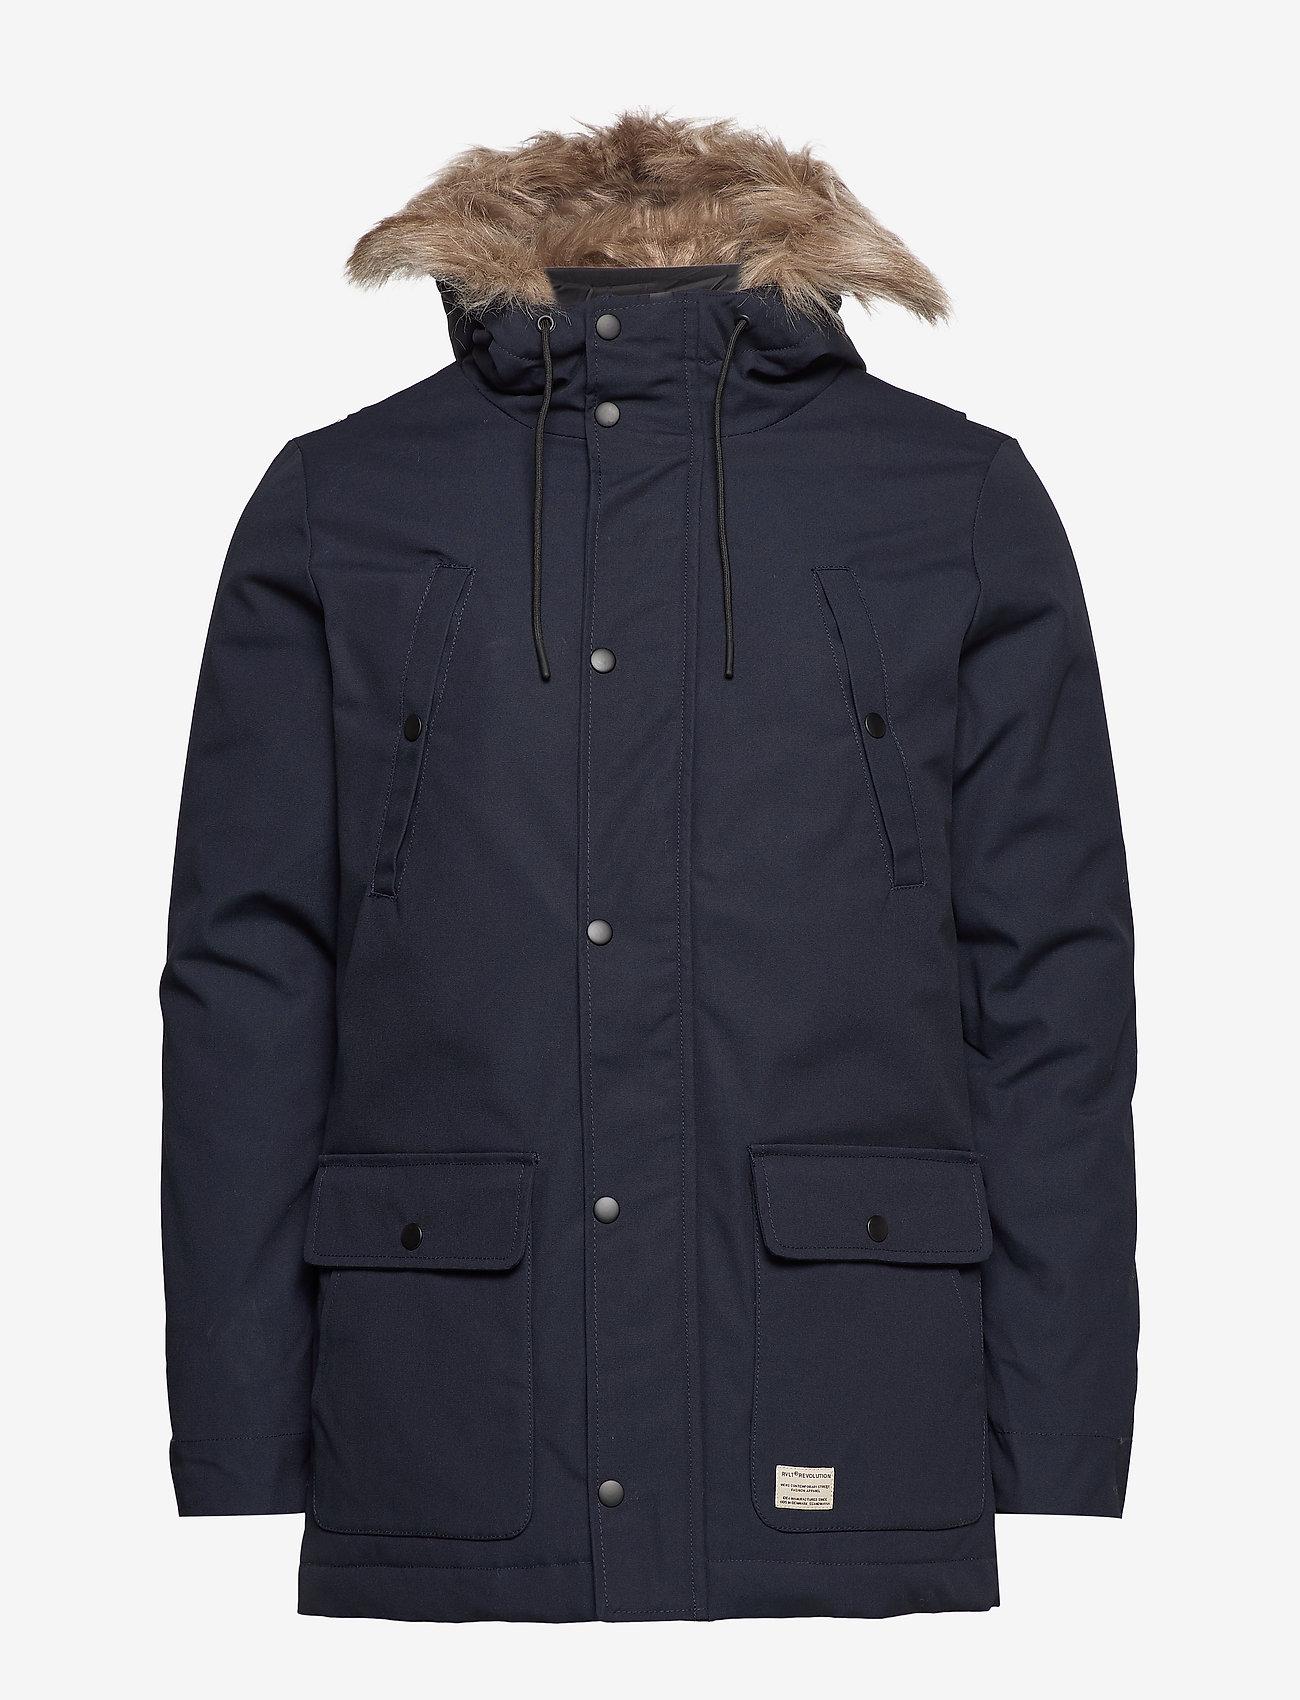 Parka Jacket (Navy) - RVLT r3A0iw